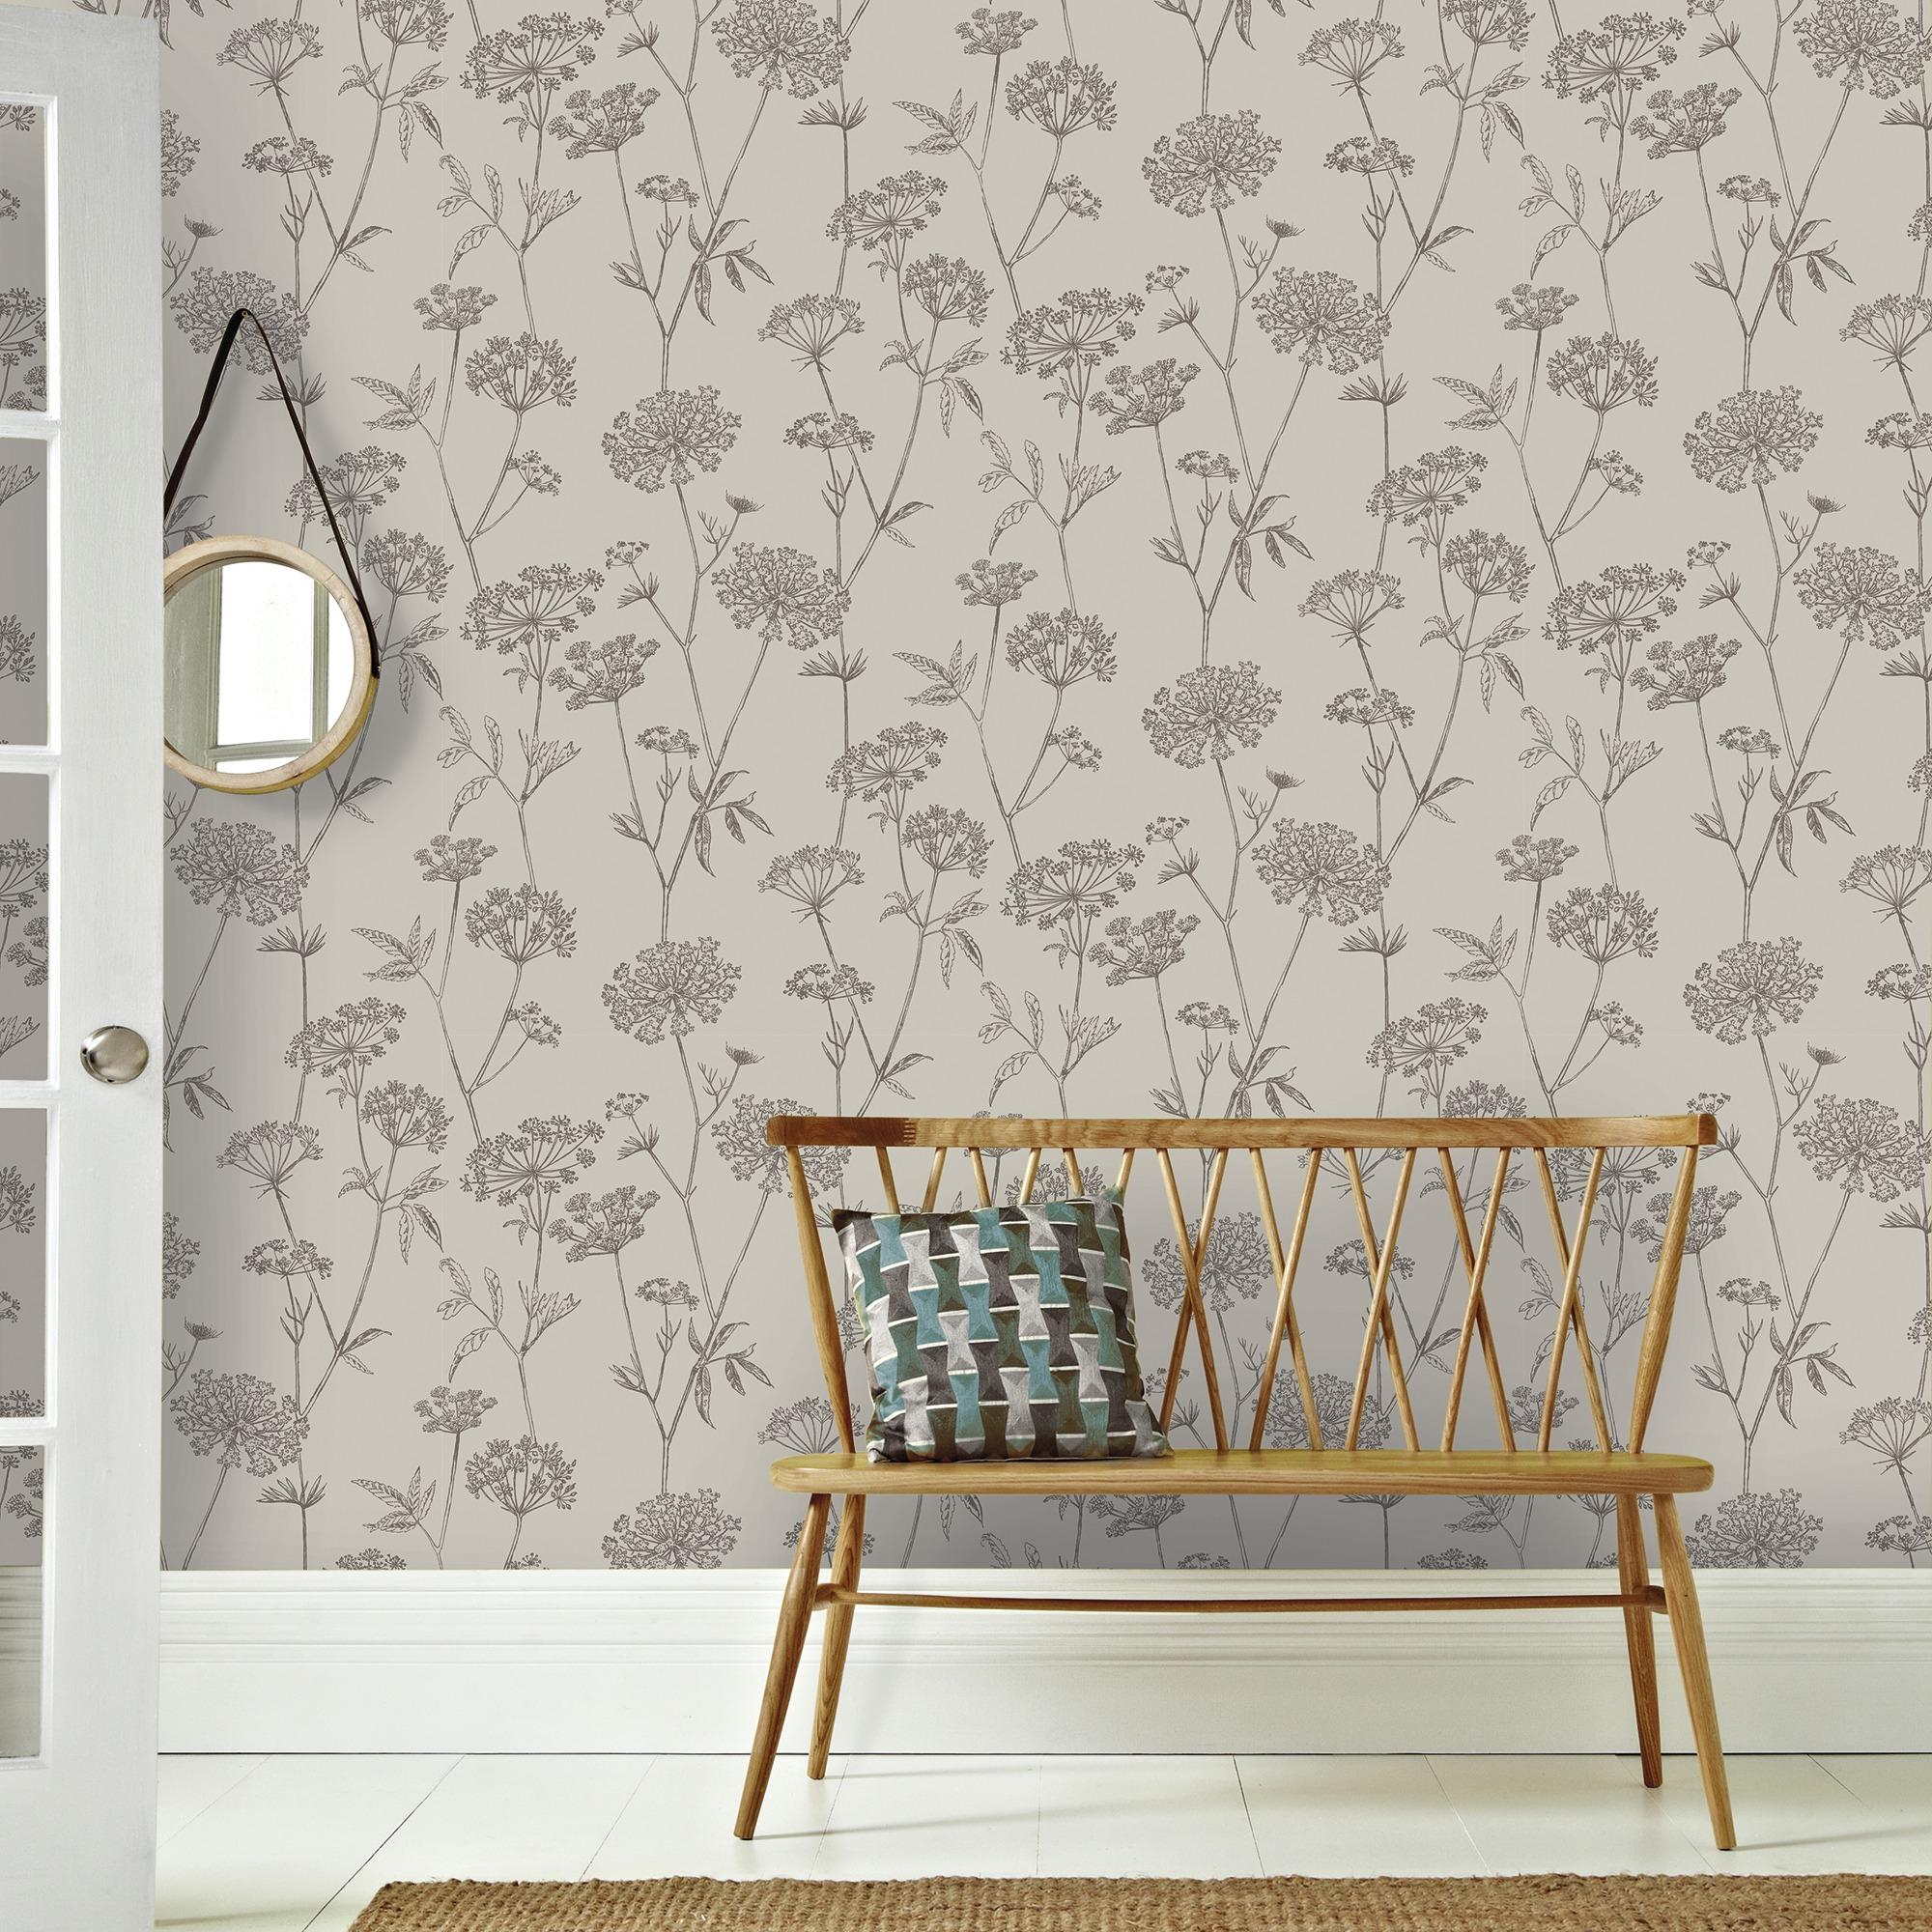 Zeer Haal de natuur in huis - met behang - Inspiraties - ShowHome.nl @AQ07